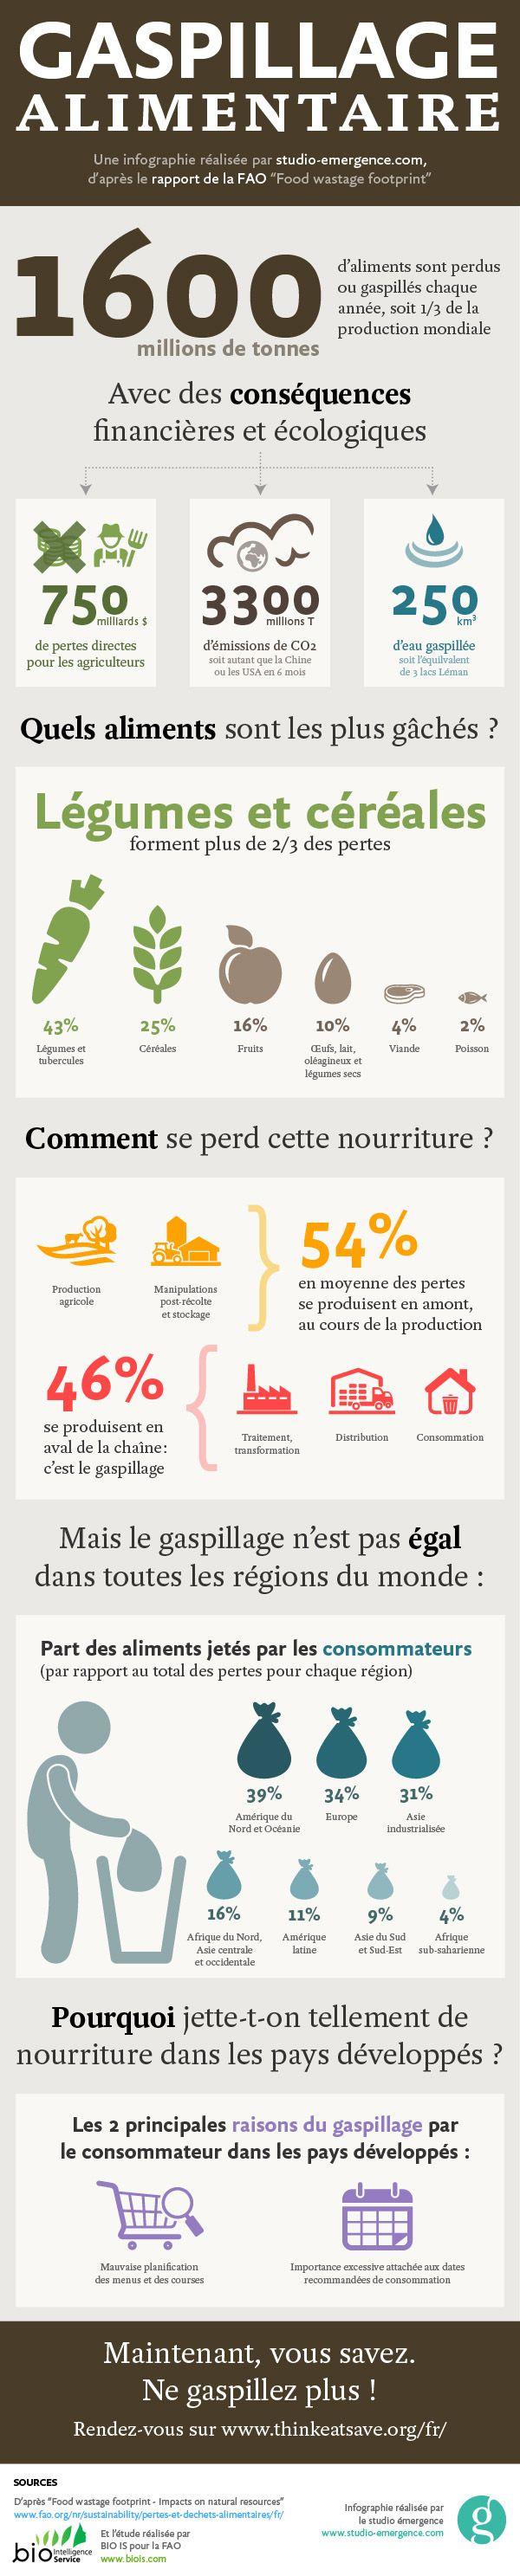 Gaspillage alimentaire, infographie du studio émergence d'après le rapport de la FAO Food wastage footprint